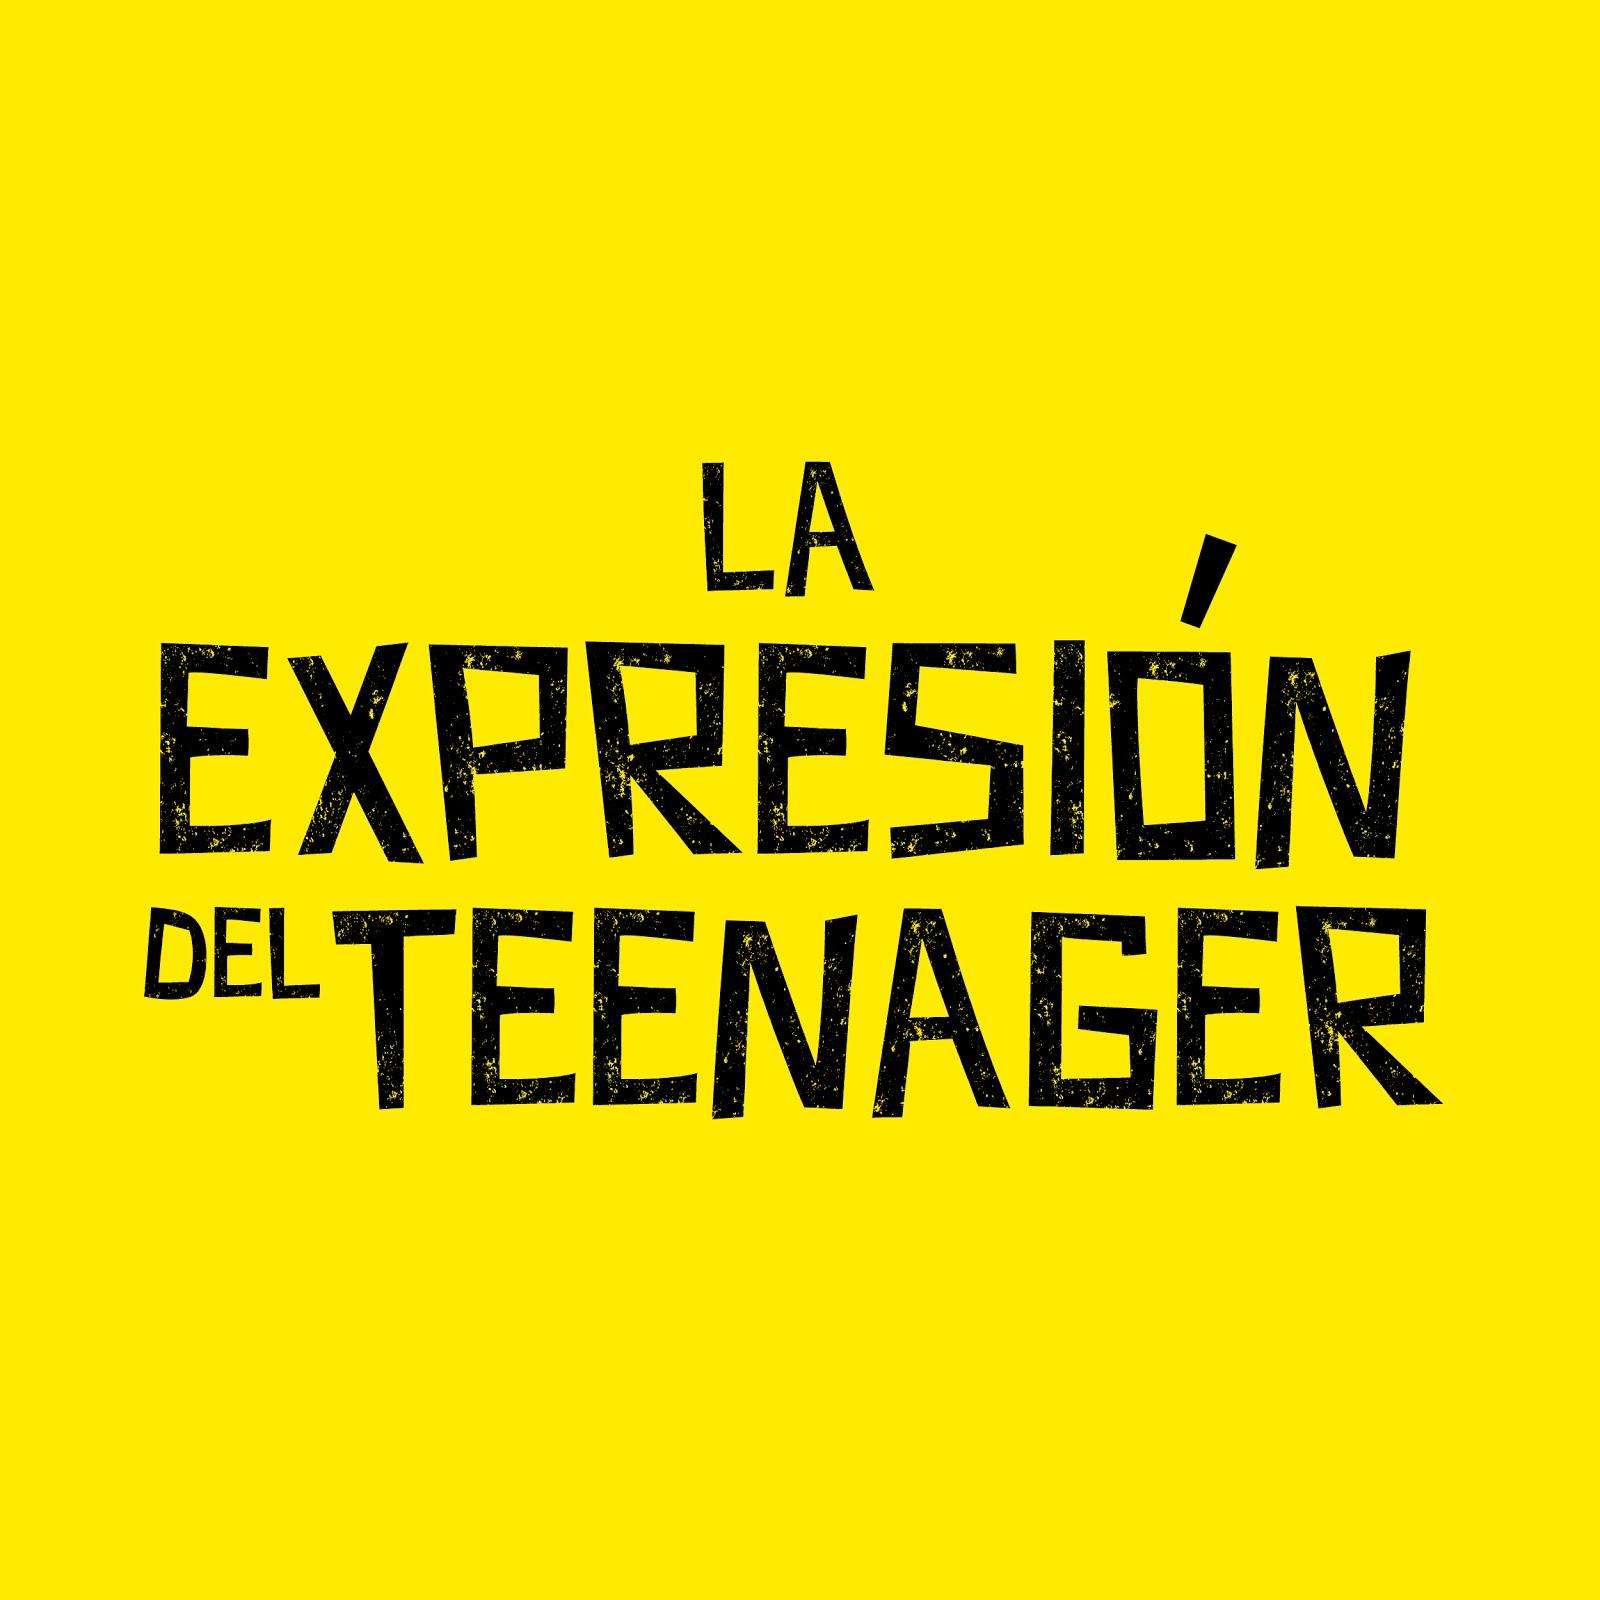 La Epresión del Teenager